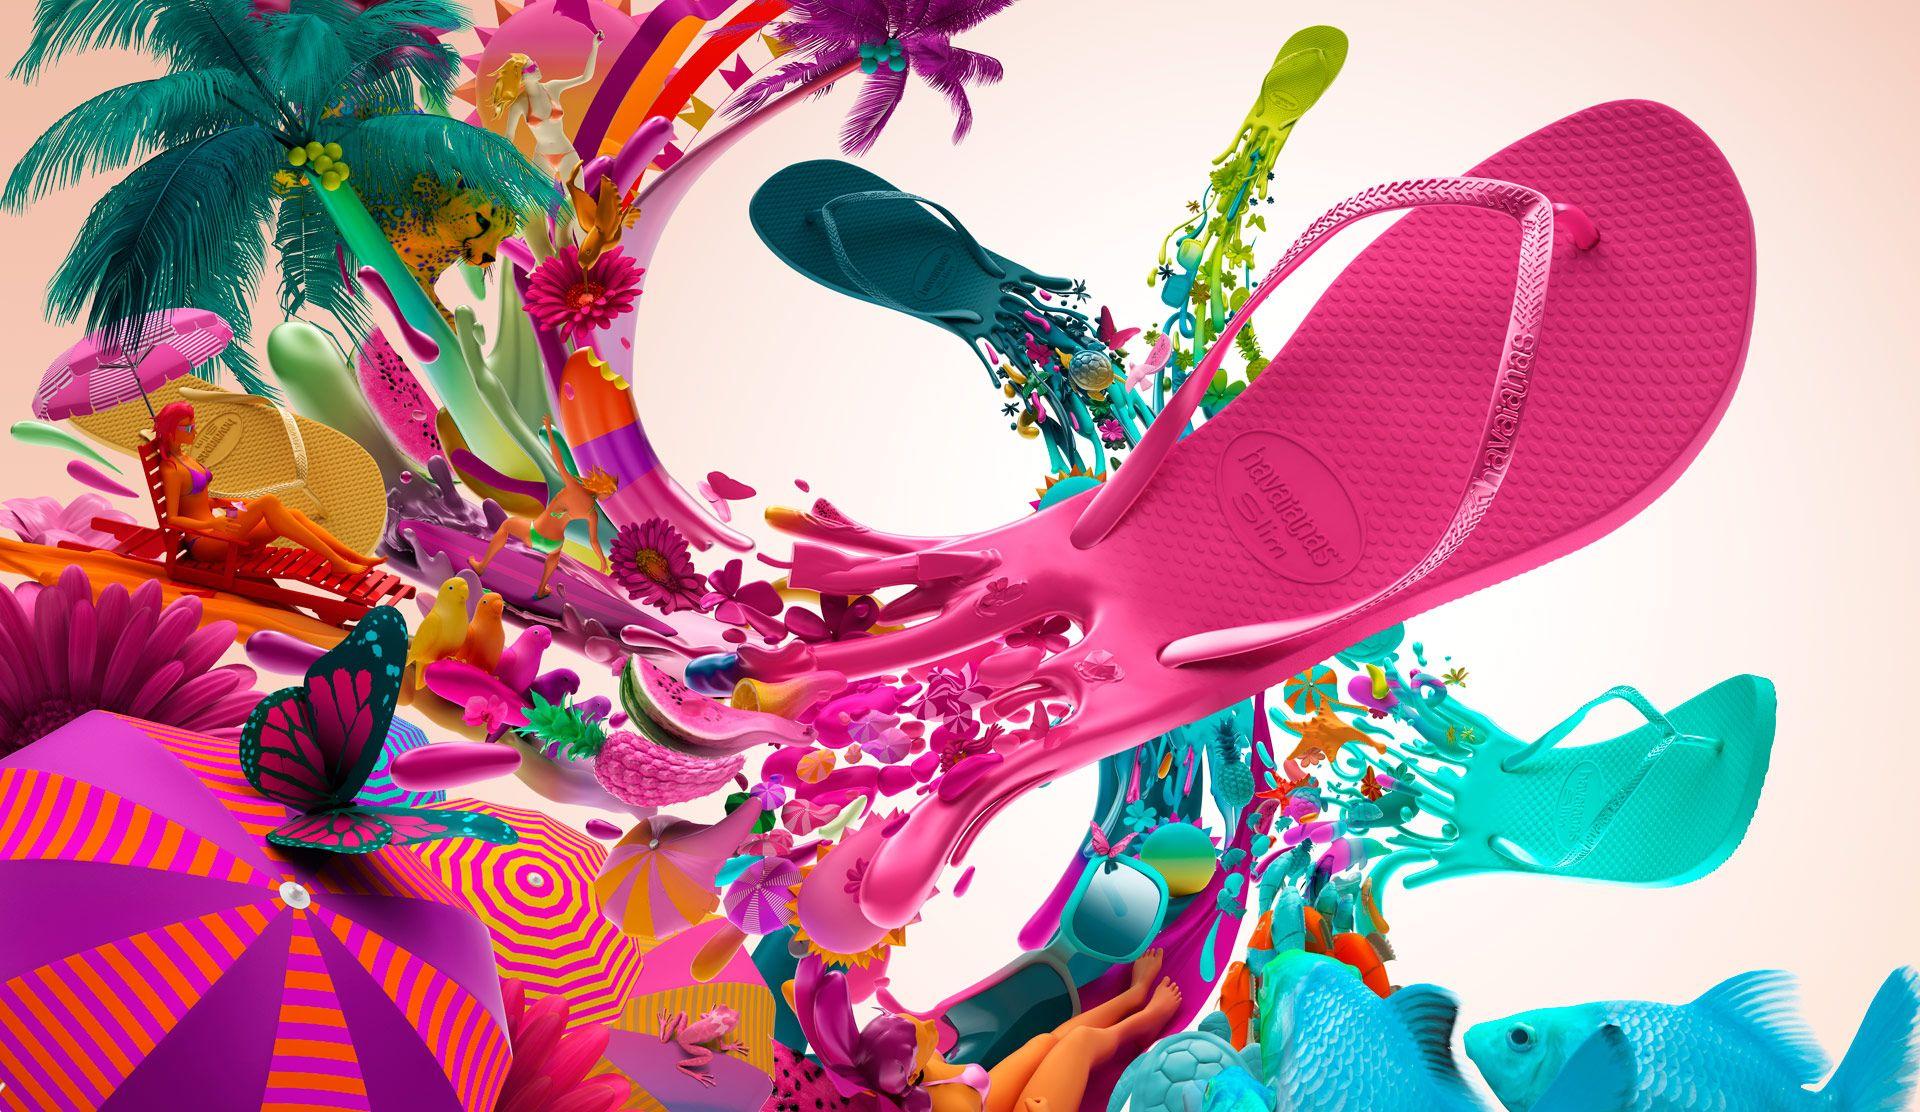 Color art tipografia - Colors